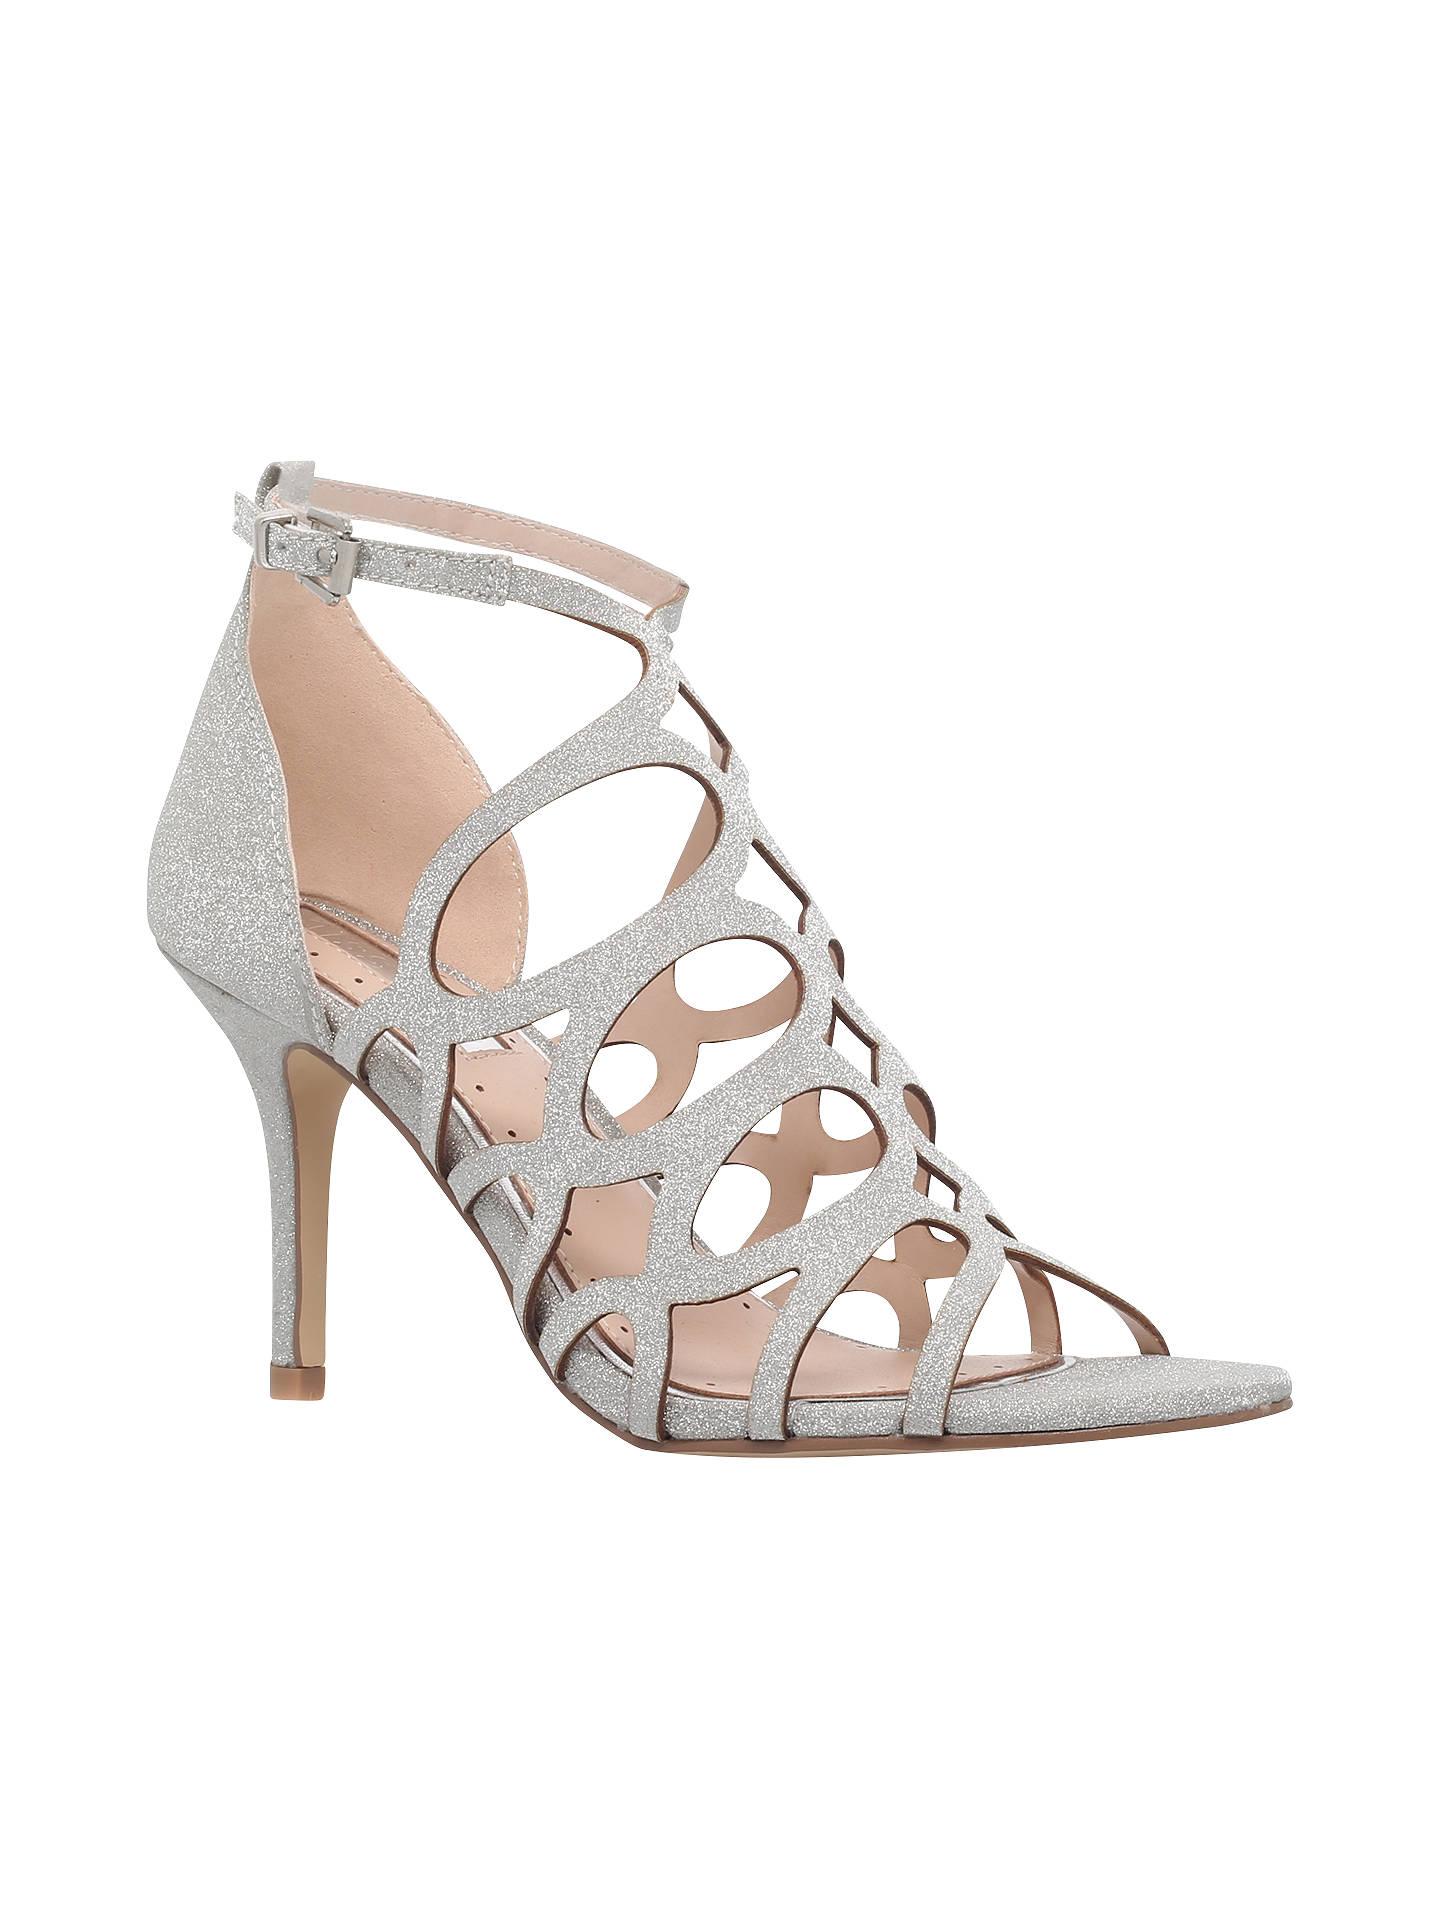 1c1f4e47c84 BuyMiss KG Glide Occasion Stiletto Sandals